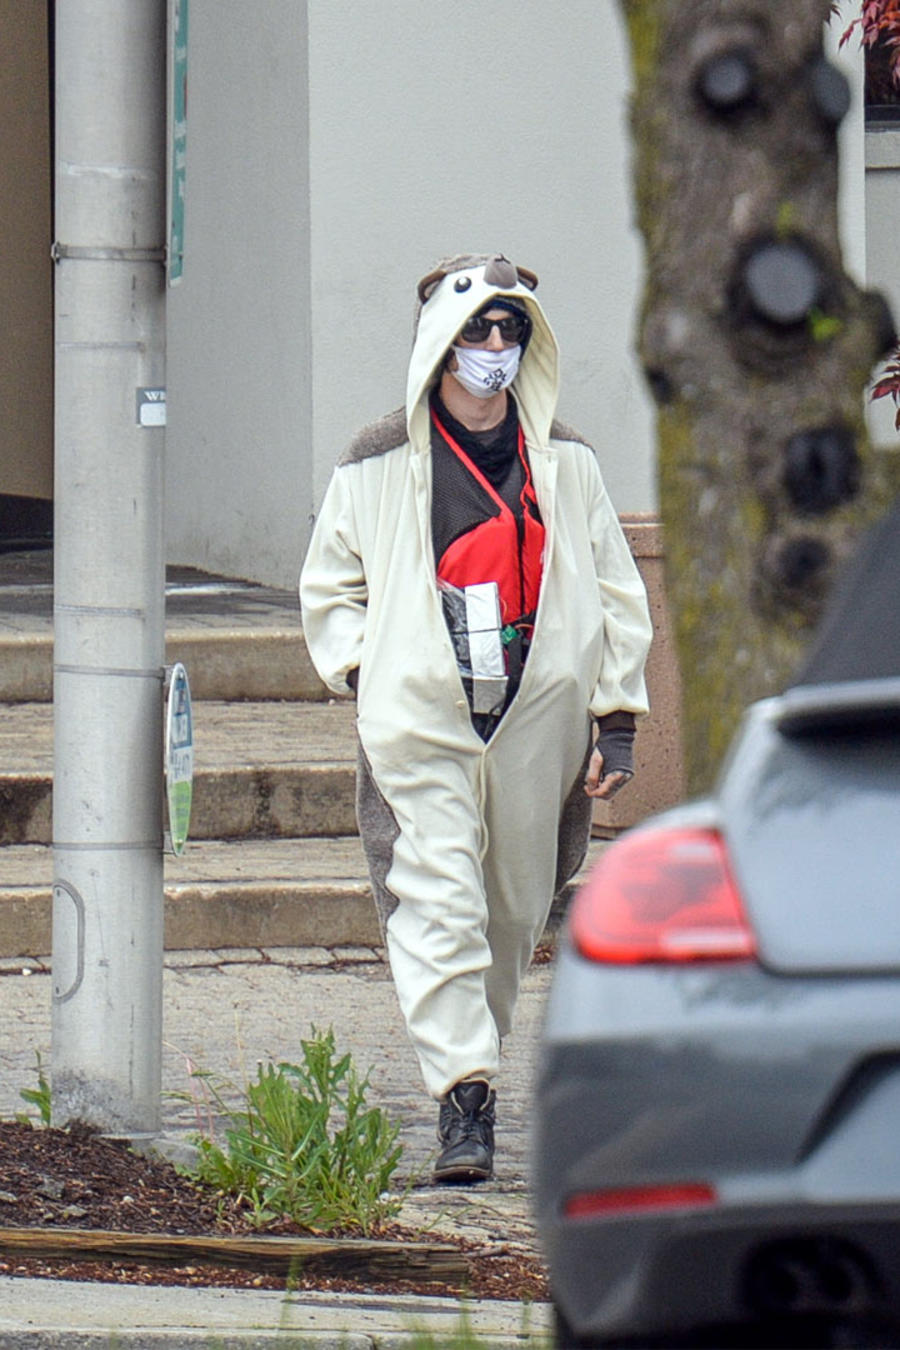 persona con supuesta bomba